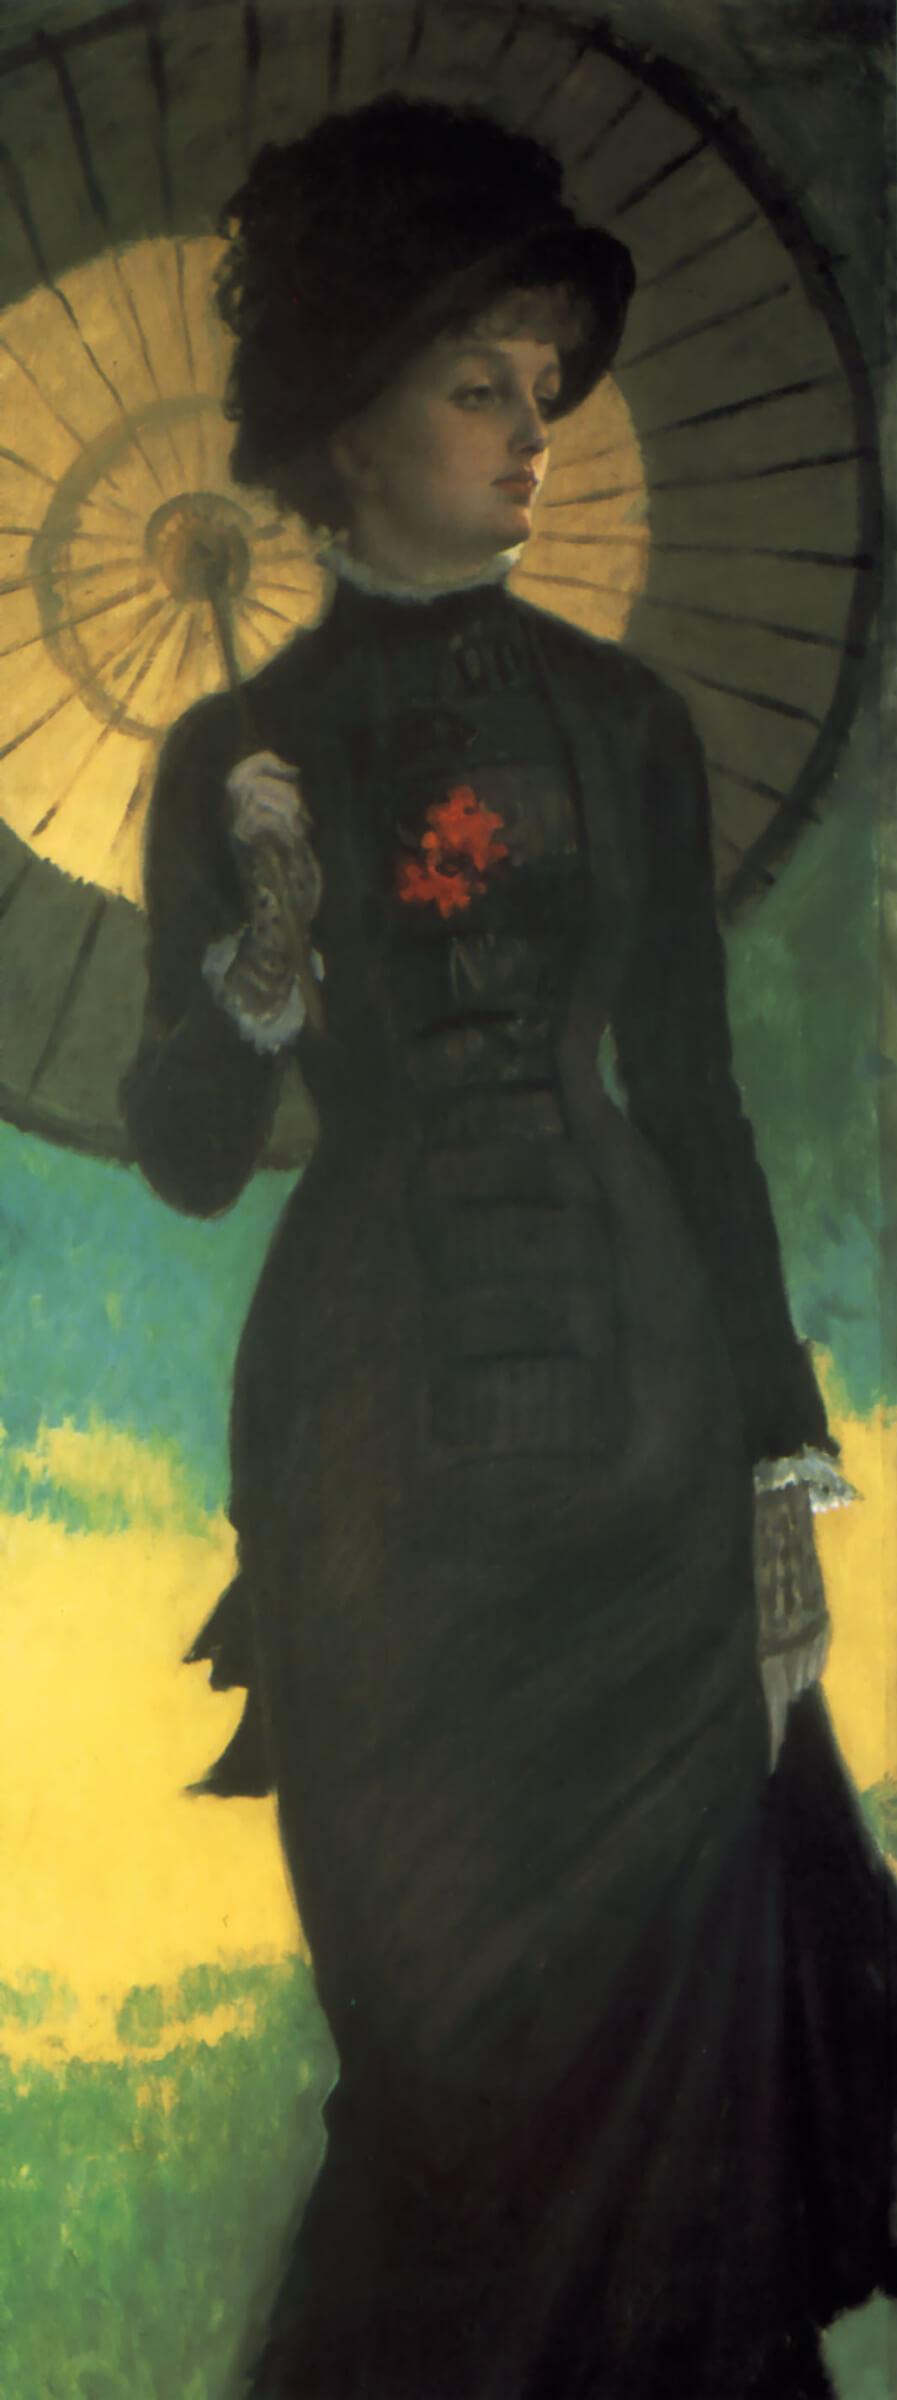 Тассо миссис ньютон с зонтиком